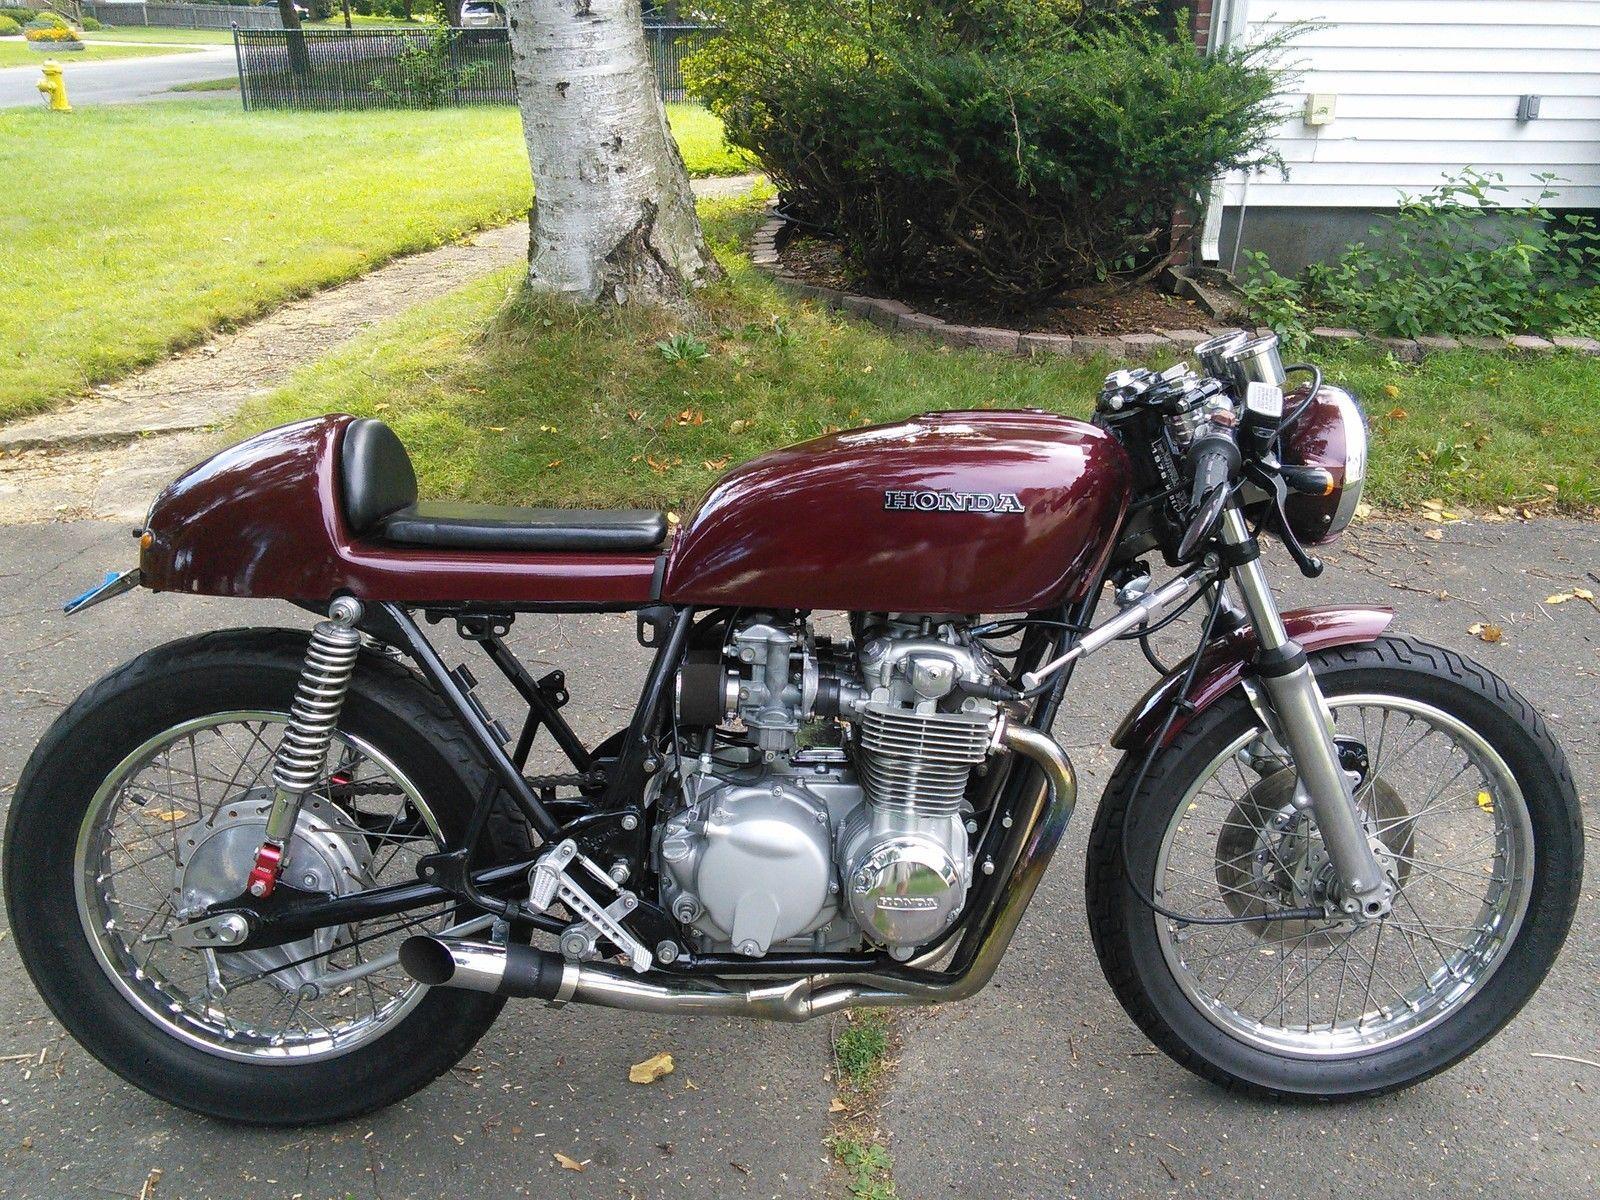 1978 Honda CB550 CAFE RACER for sale